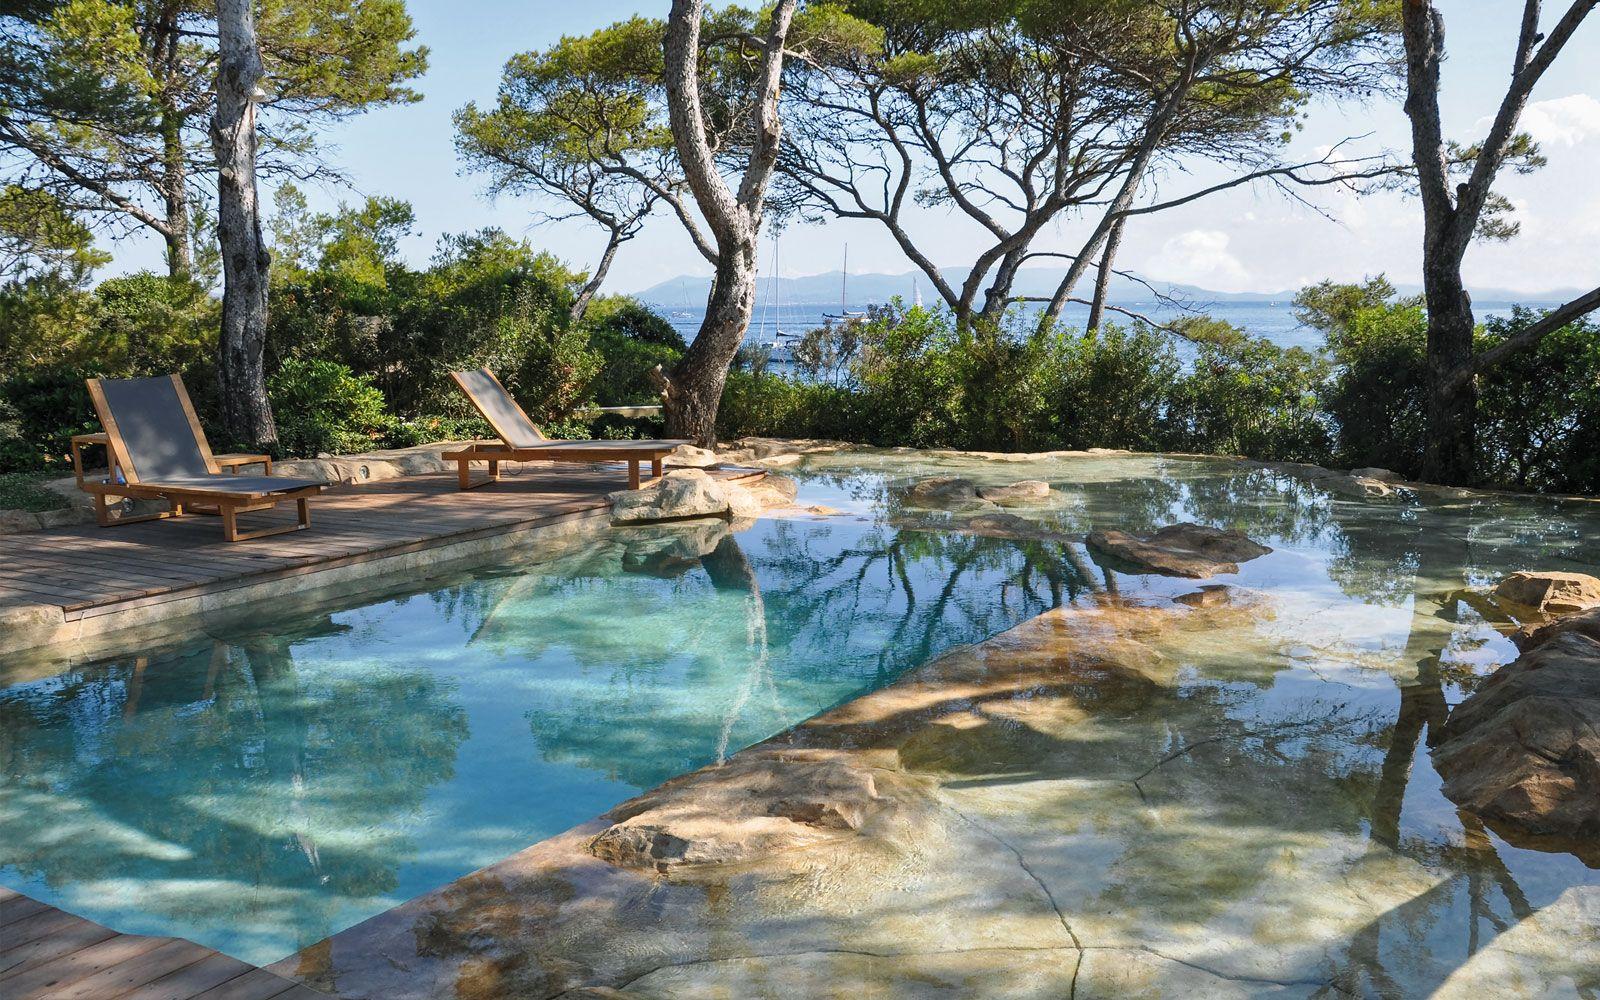 Piscine paysag e r alis e partir d une piscine traditionnelle existante cr ation d 39 un univers - Piscine originale ...